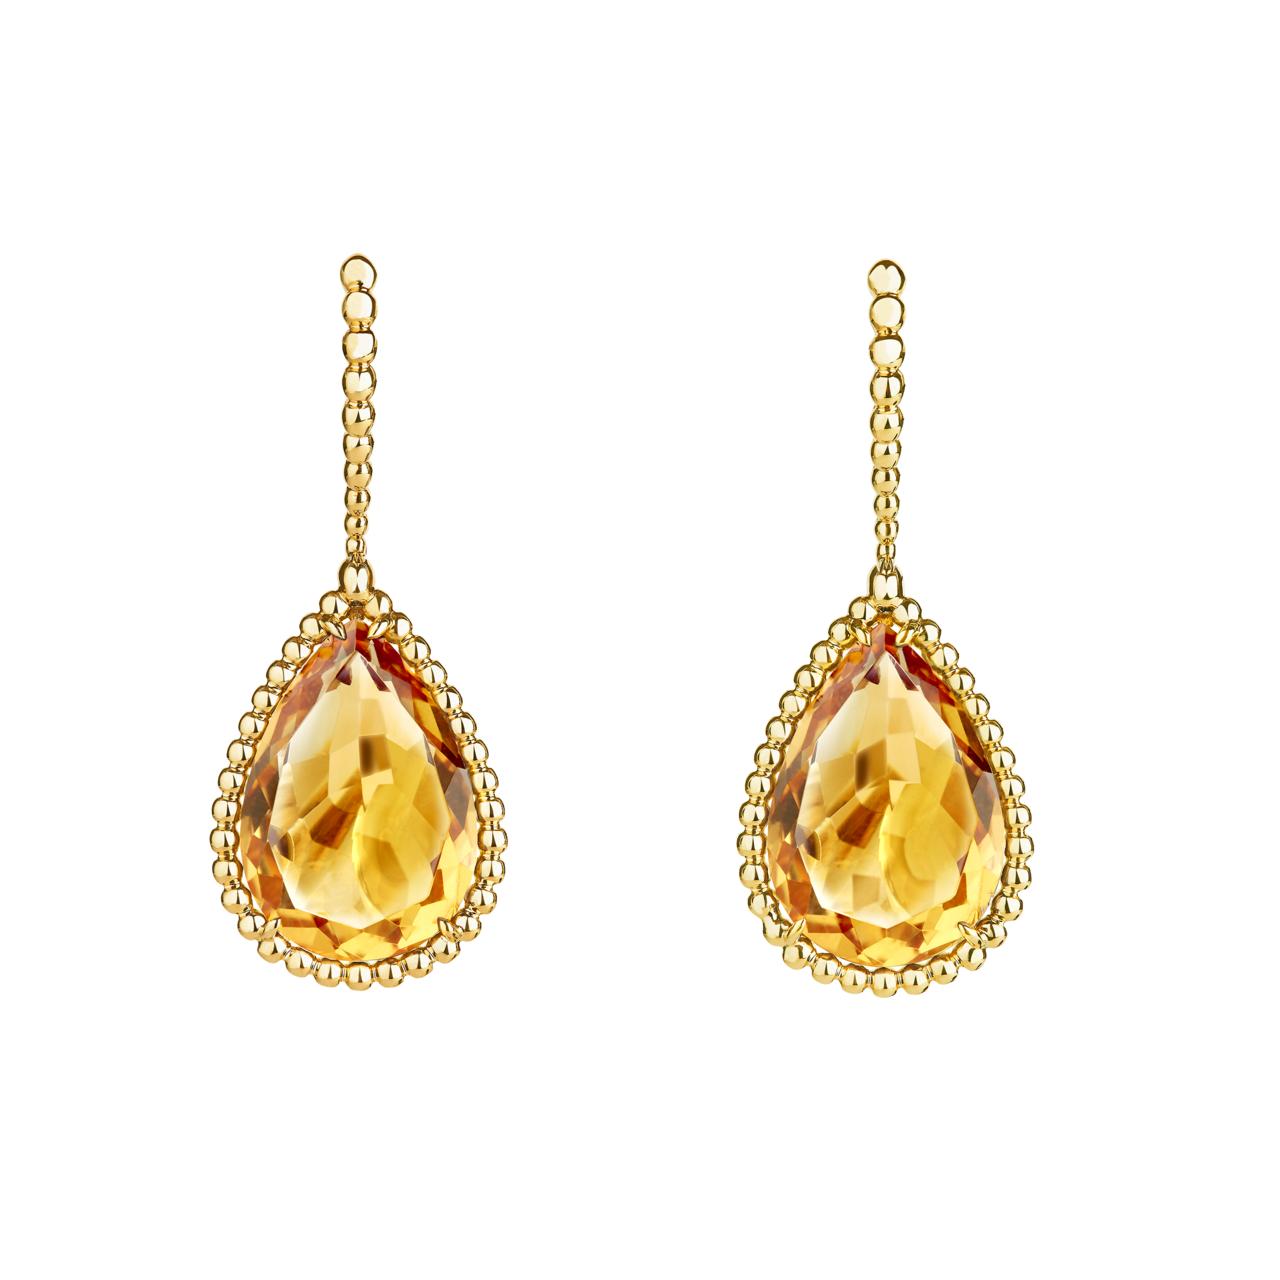 莎瑪海耶克配戴的Serpent Bohème系列耳環,黃k金鑲嵌2顆梨形黃水晶共...